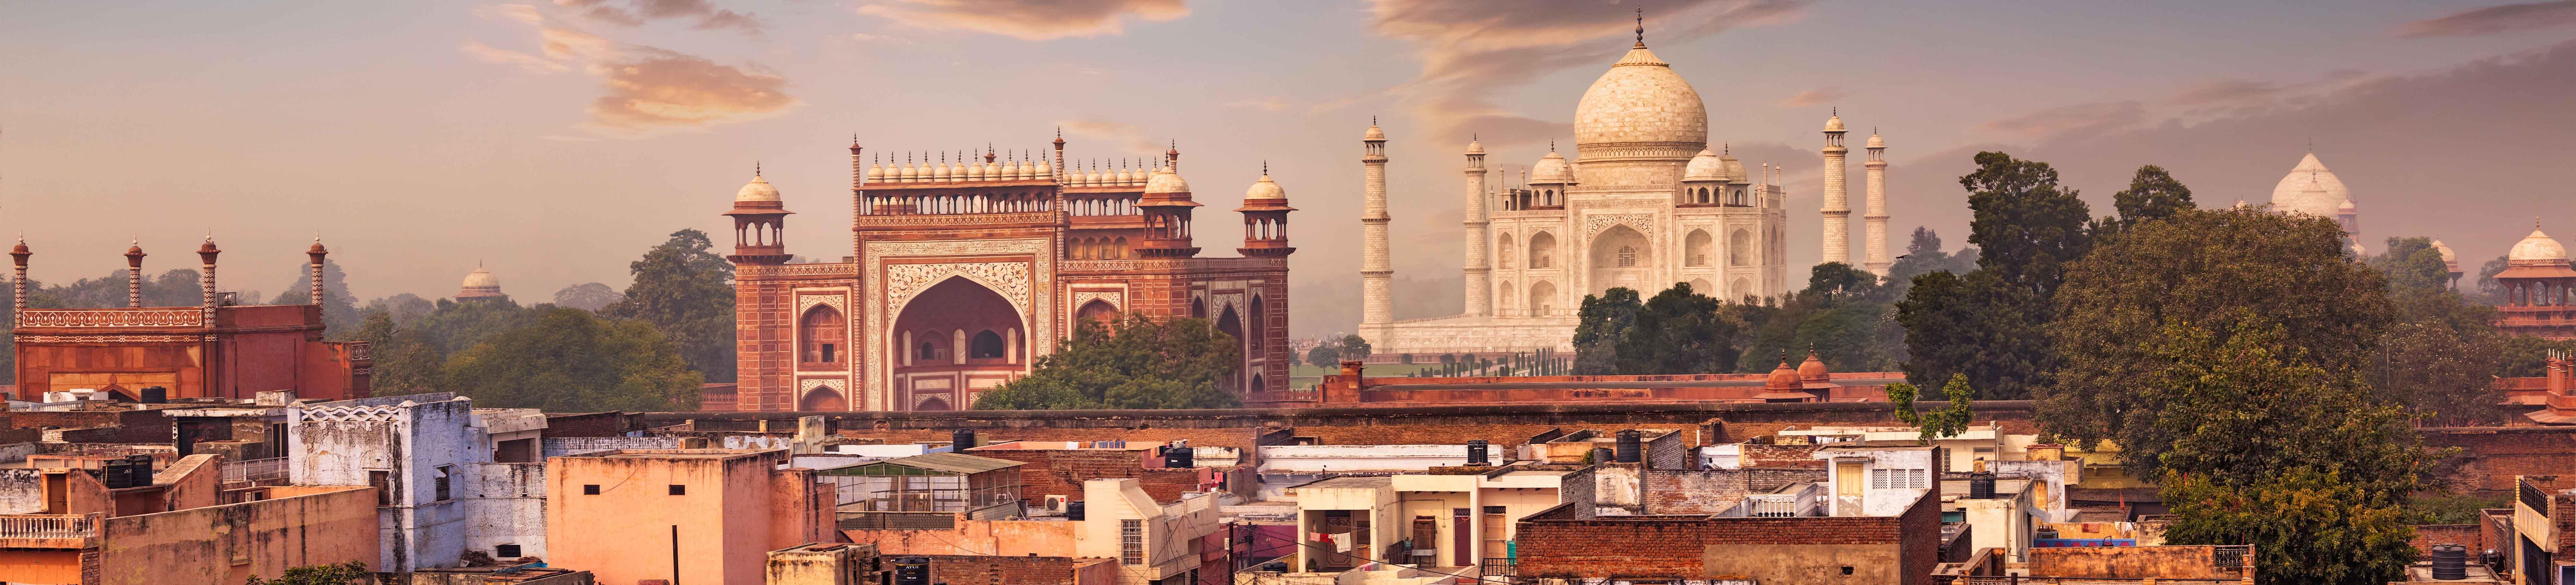 Que faire en Inde : la ville de Delhi, la région de Rajasthan et les autres monuments à découvrir pendant votre voyage dans ce pays unique au monde